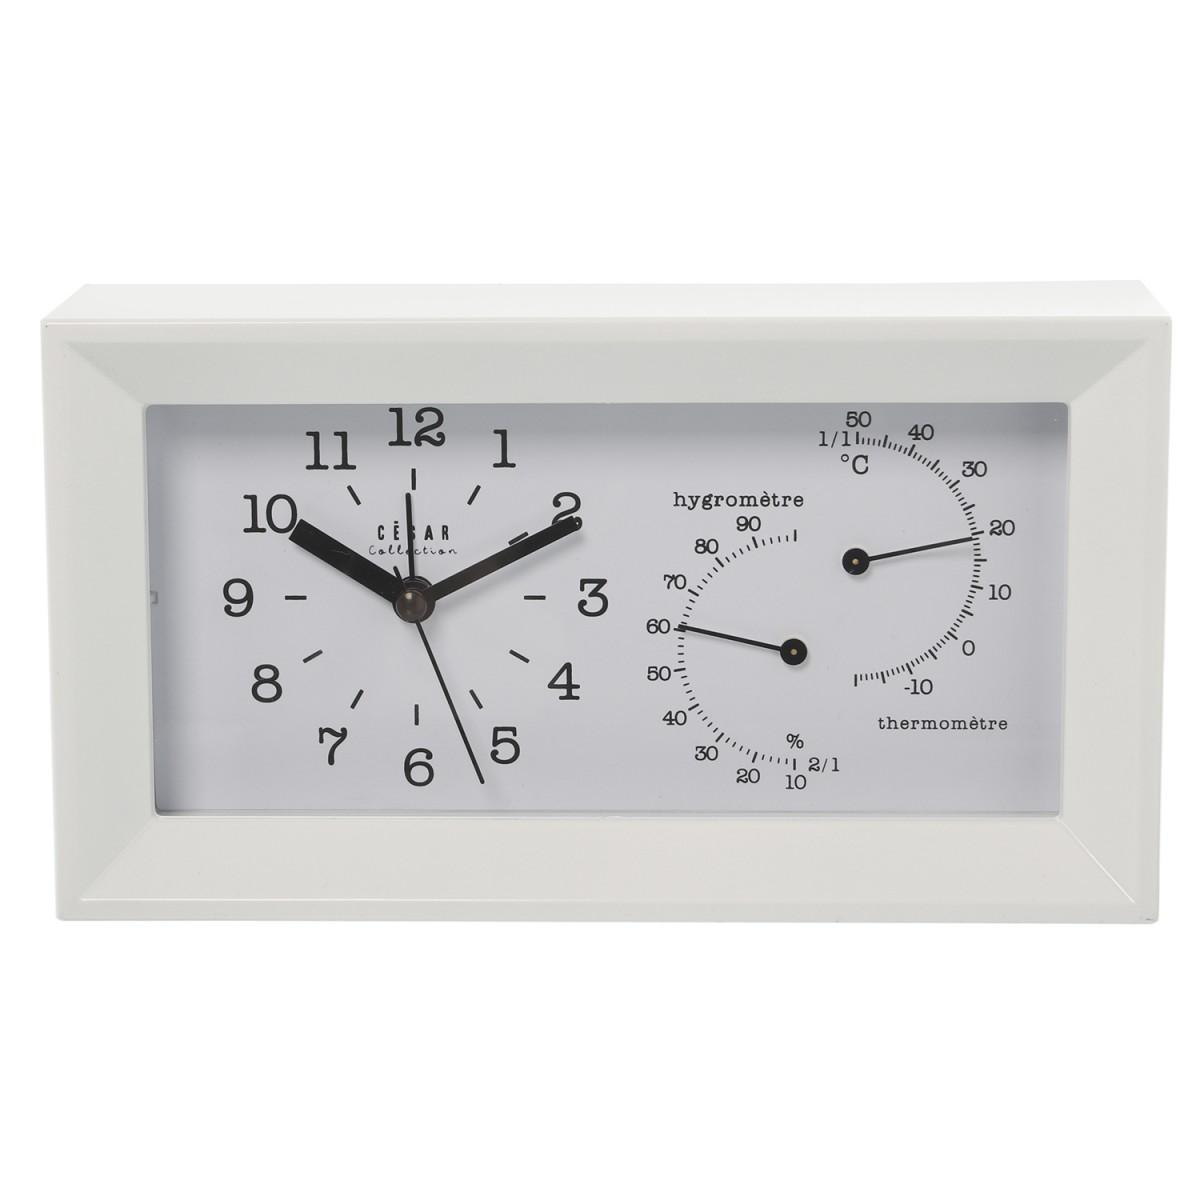 Horloge à poser acrylique blanc alarme, thermomètre + hygromètre